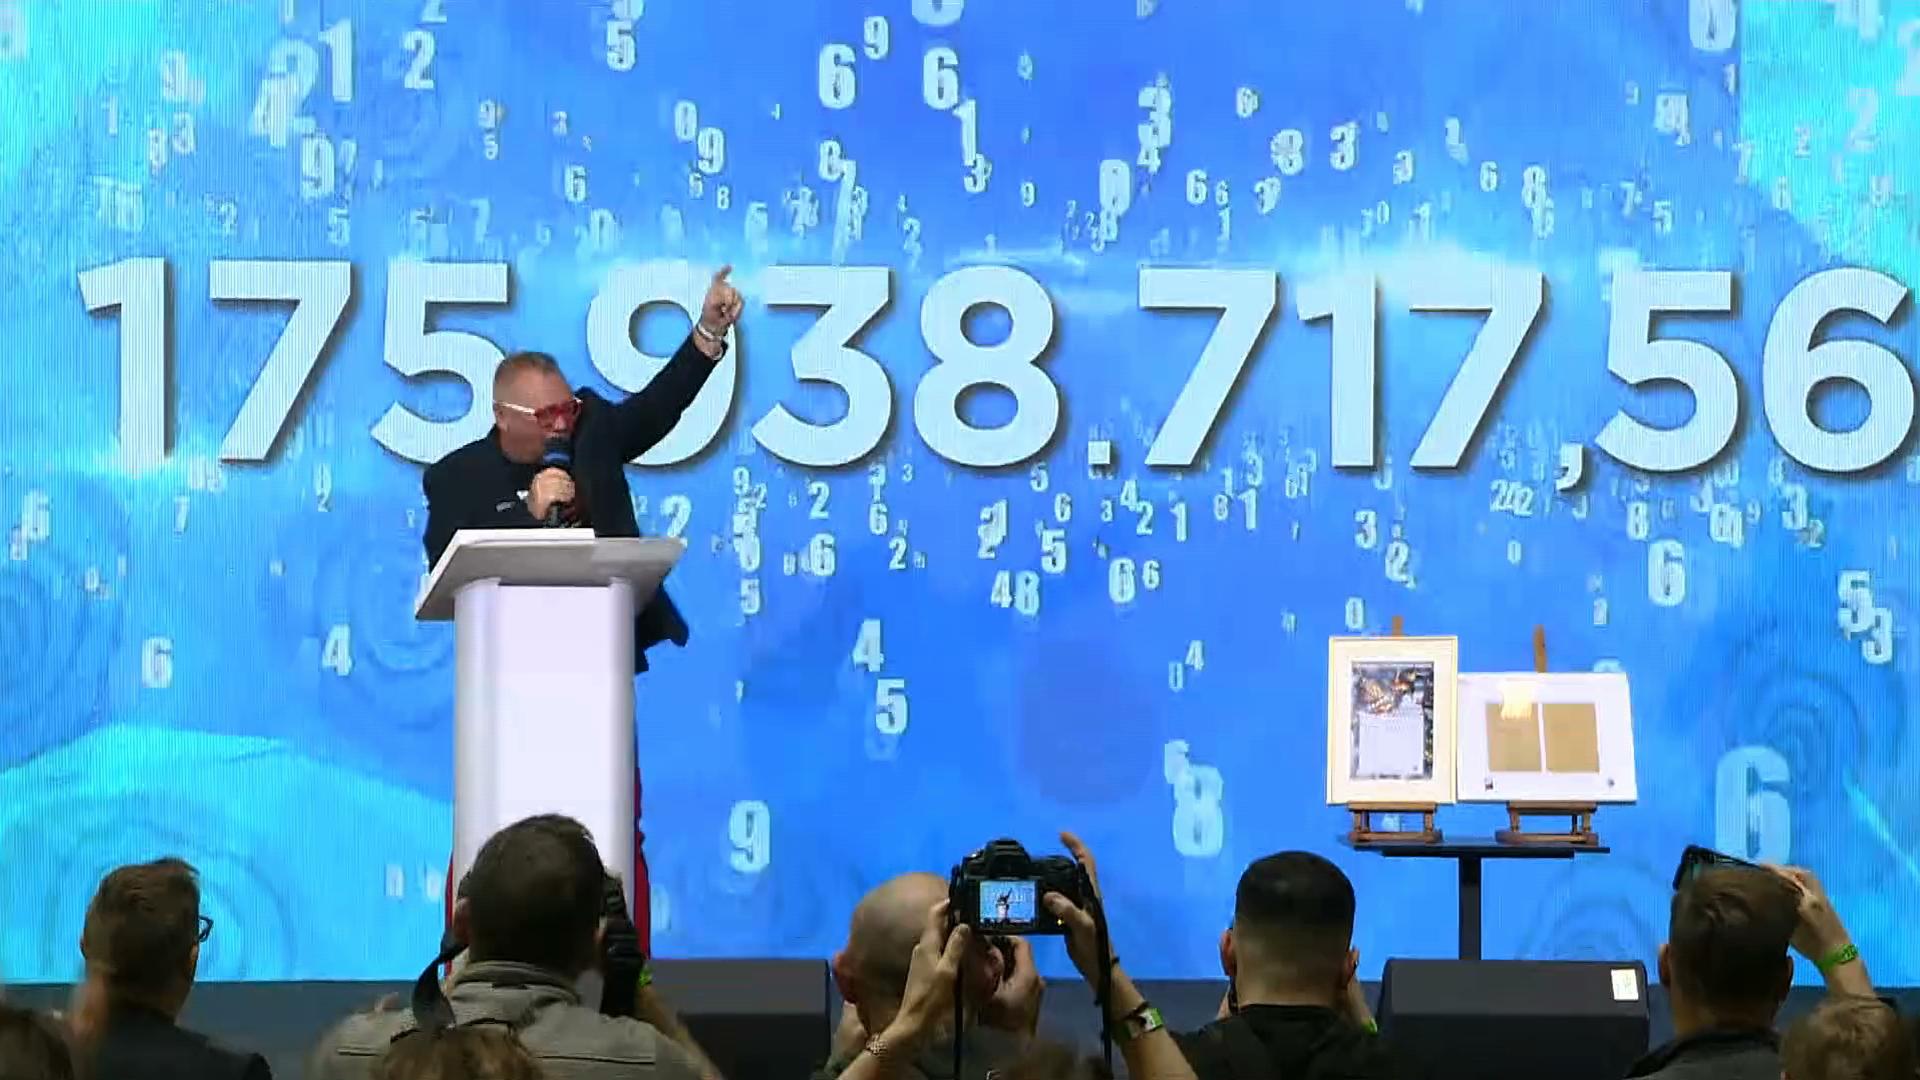 Kolejny rekord. 27. finał WOŚP to prawie 176 milionów złotych